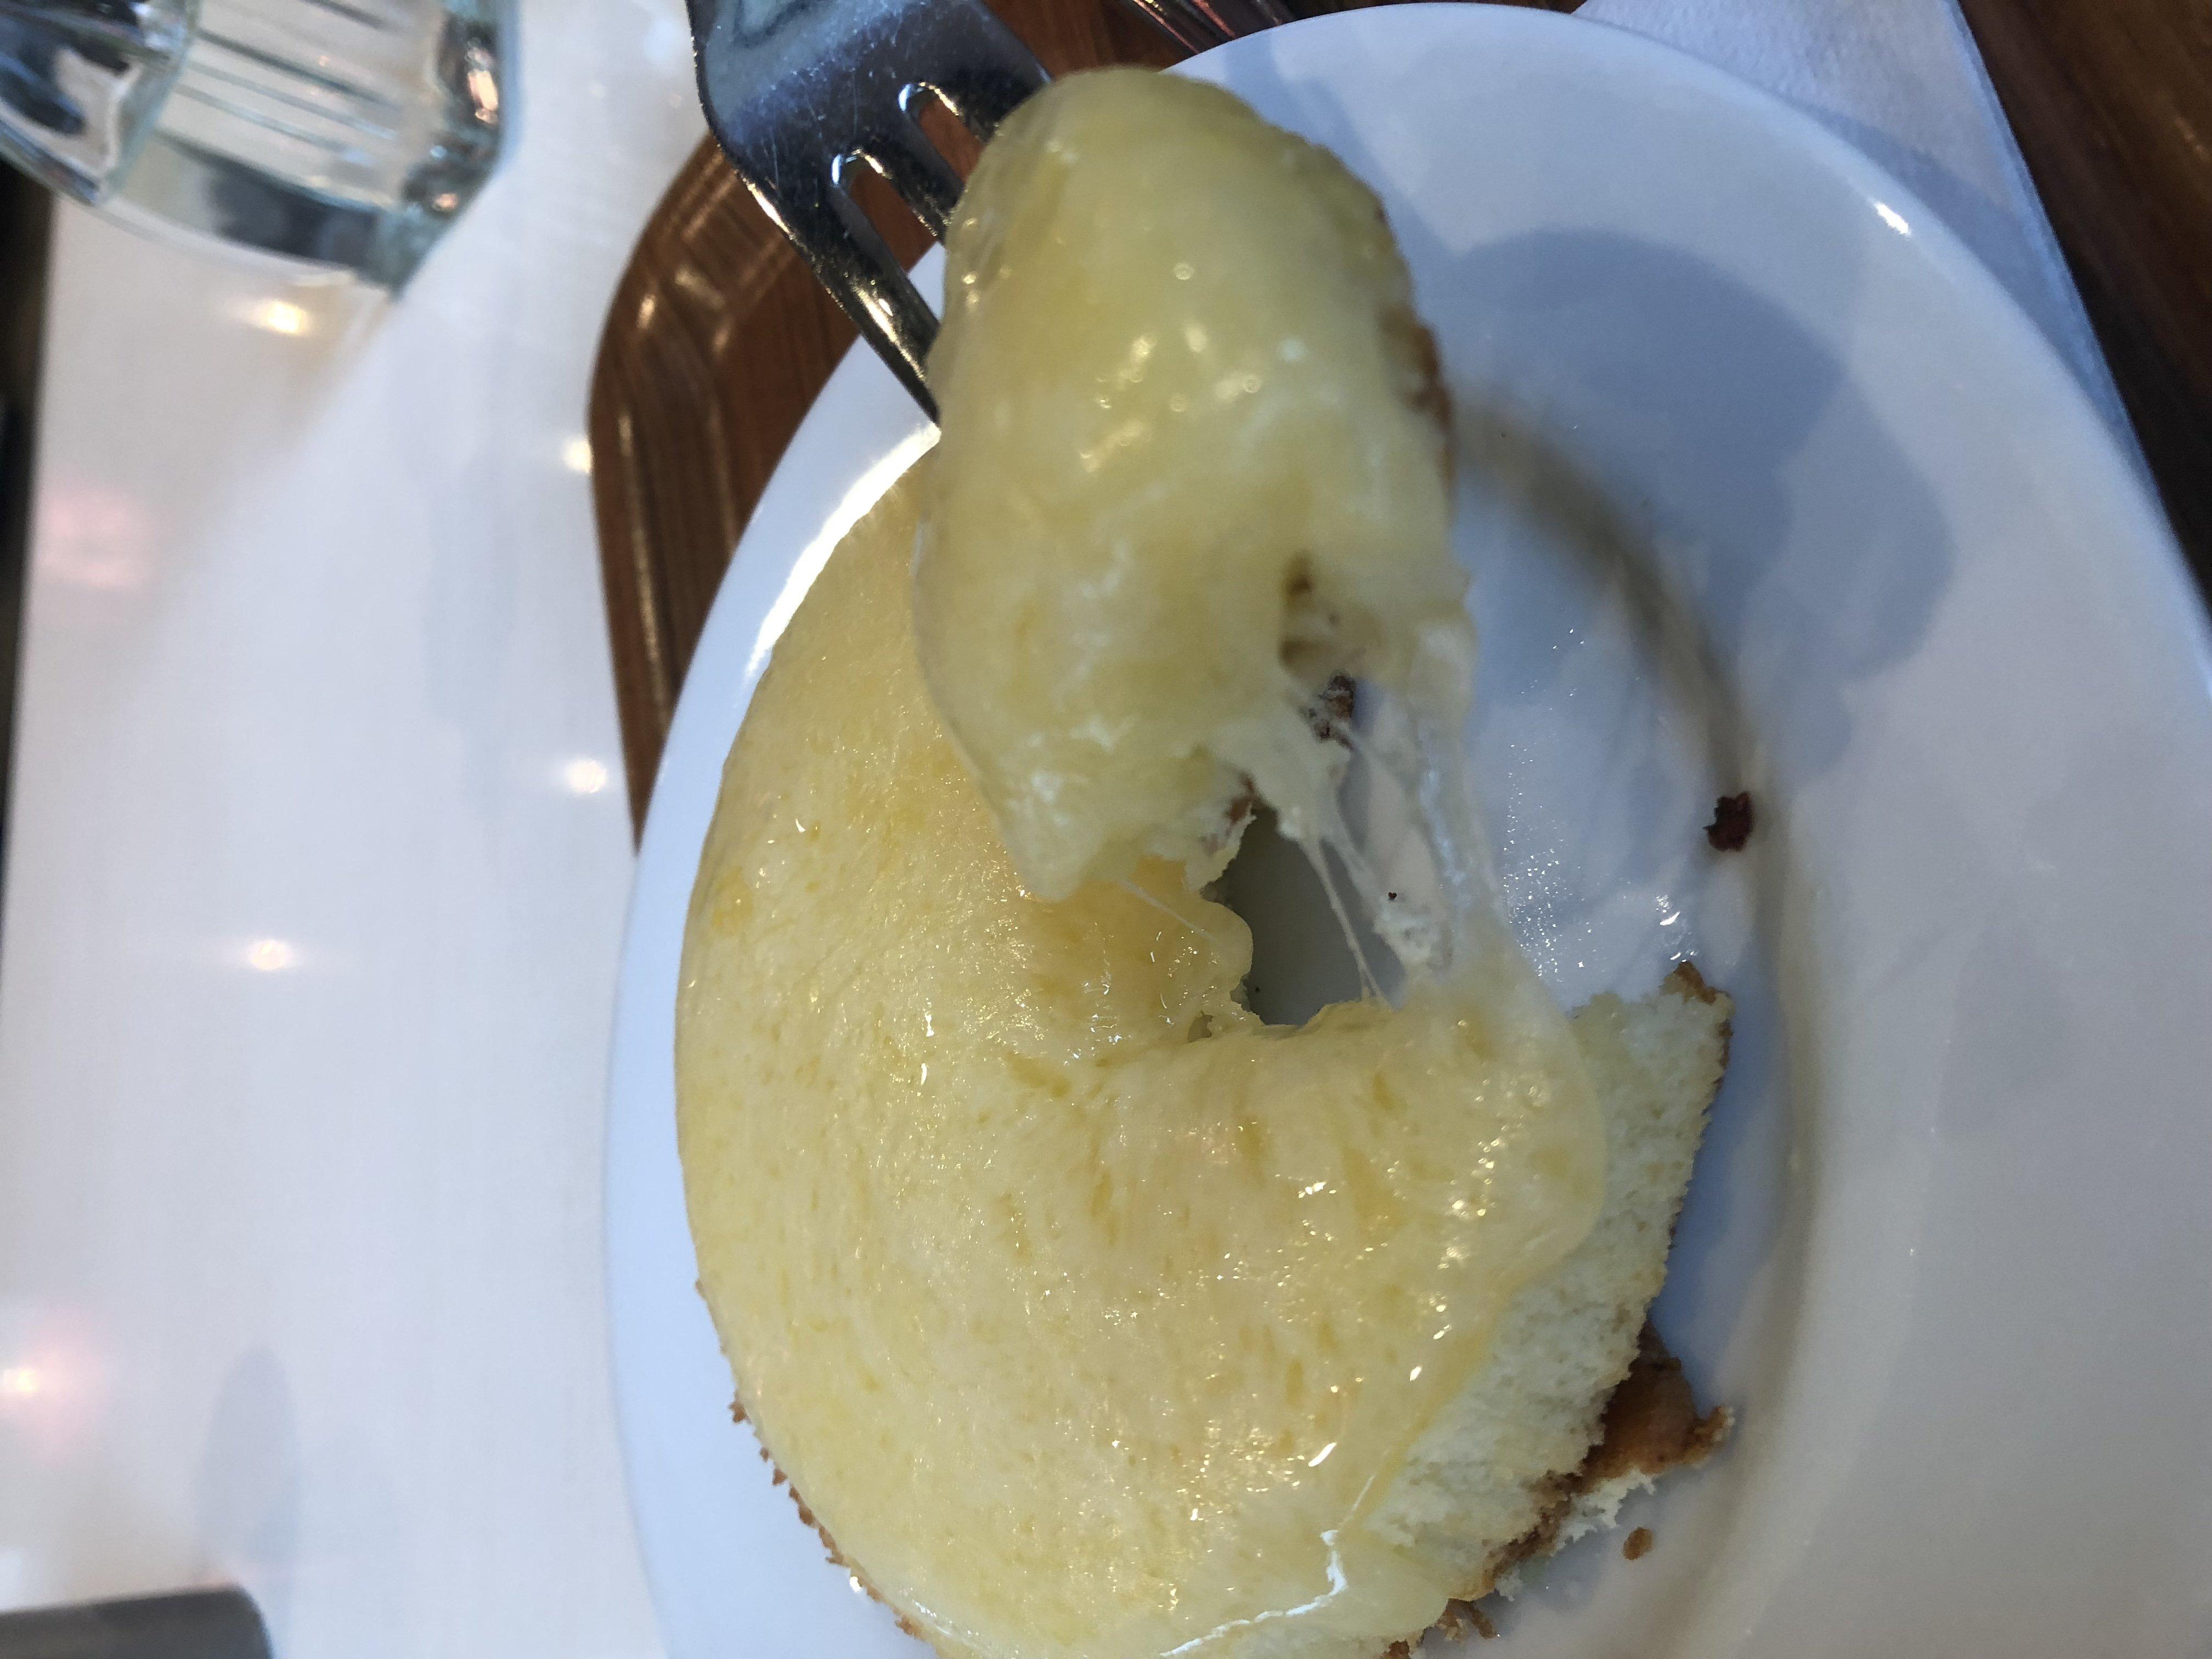 どこかのか忘れたけどお土産でいただいたこのチーズケーキ死ぬ…